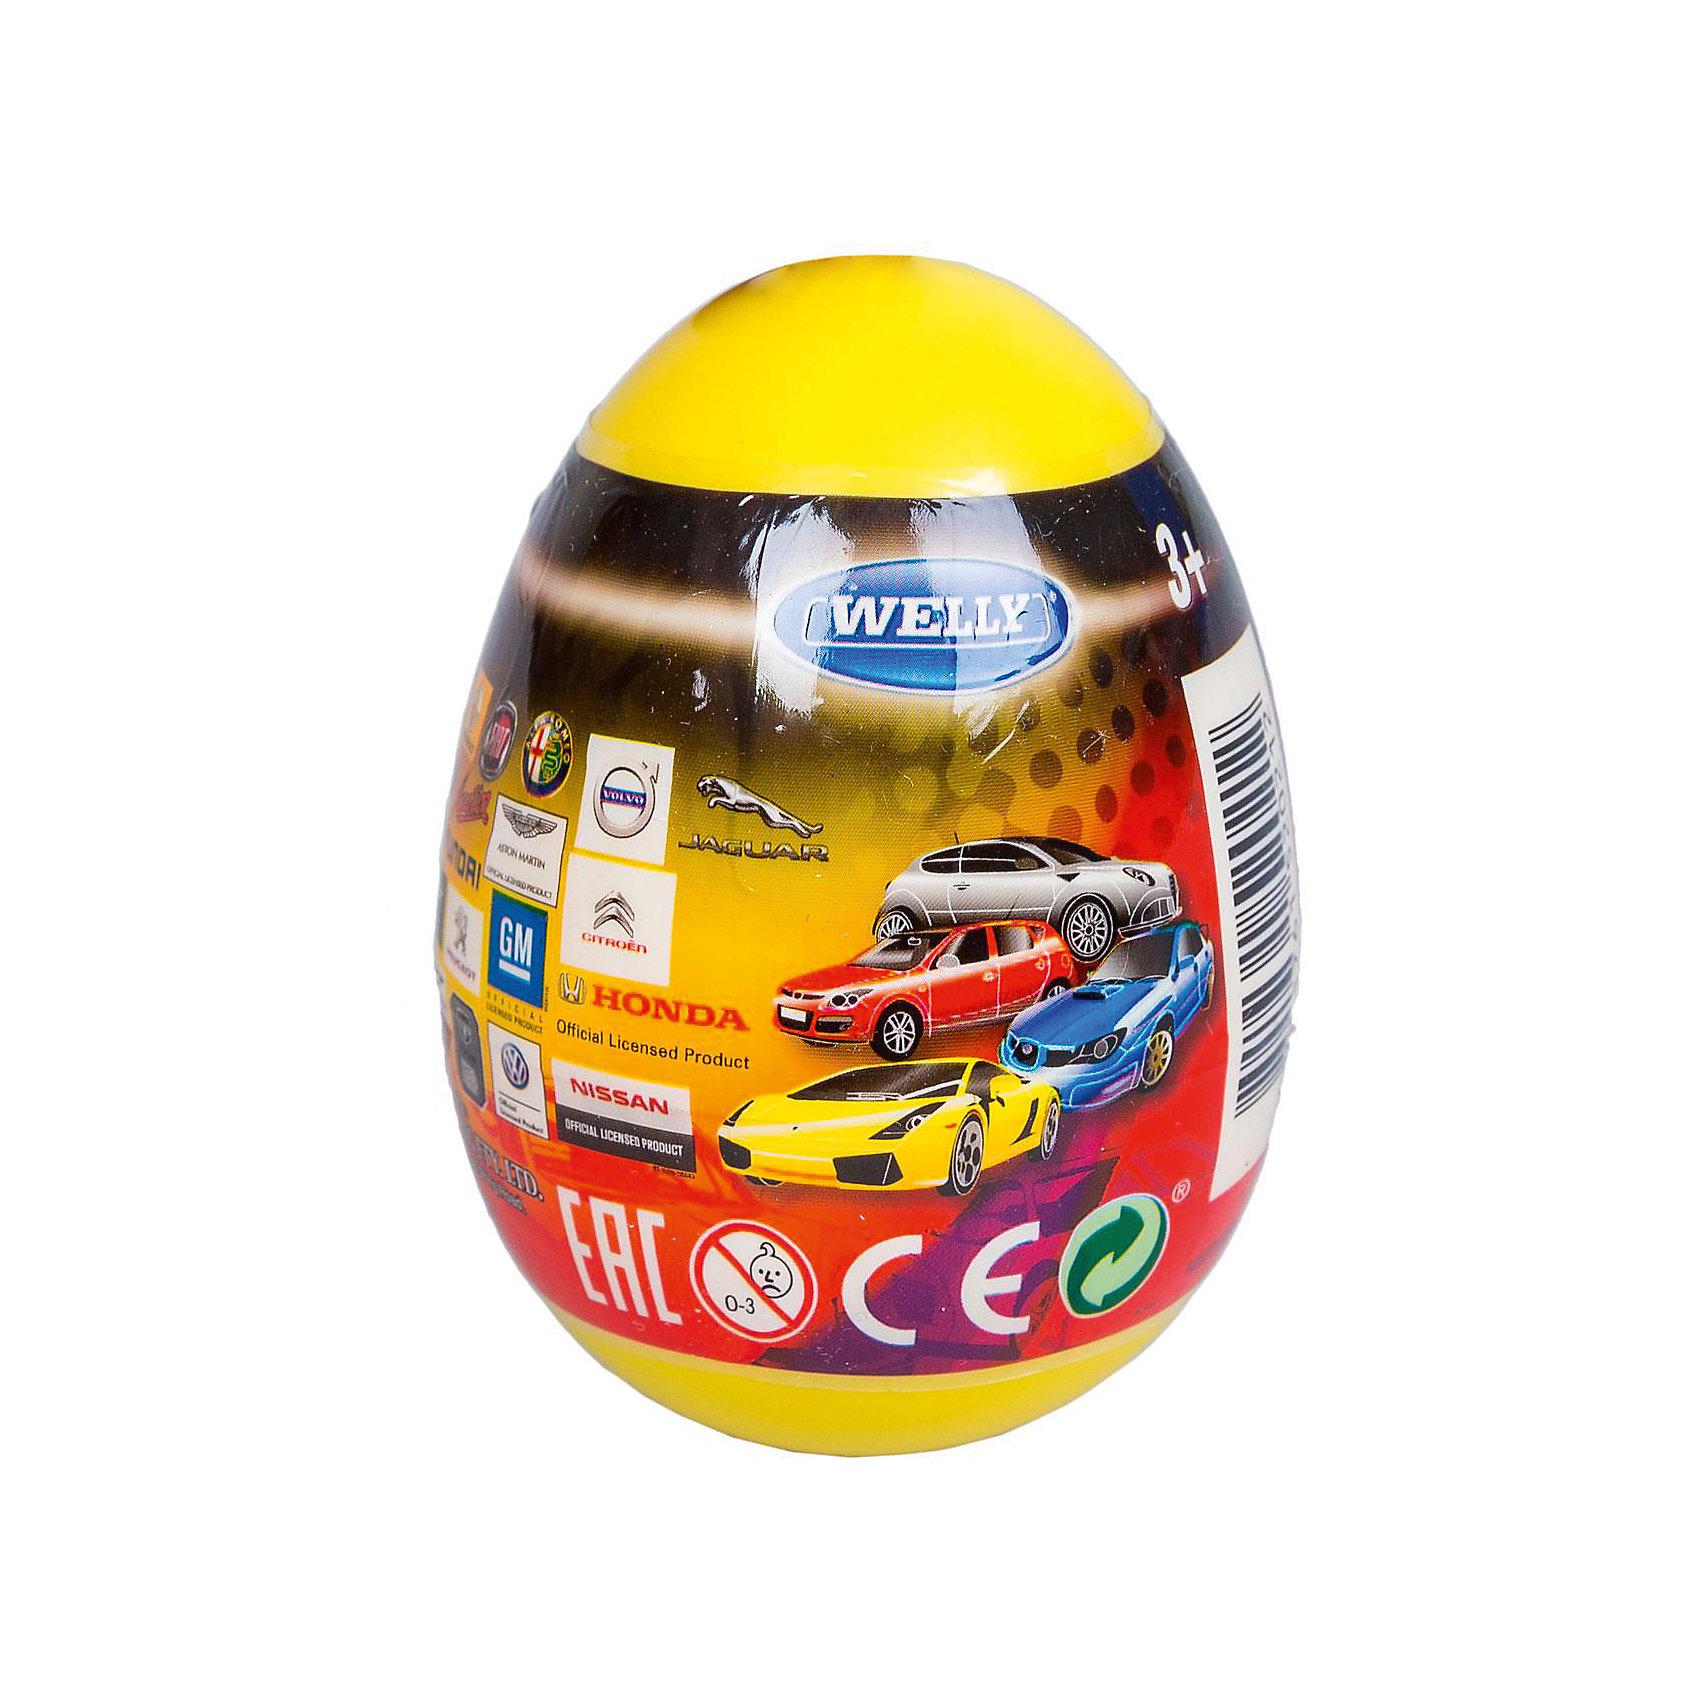 Модель машины 1:60 Яйцо-сюрприз, жёлтая, WellyМашинки<br>Характеристики товара:<br><br>- цвет: разноцветный;<br>- материал: пластик, металл;<br>- размер упаковки: 6х9х6 см;<br>- вес: 50 г;<br>- длина машинки: 8 см.. <br><br>Машинки от бренда Welly в закрытом яйце - отличный сюрприз для мальчика! Каждая машинка - копия настоящей, игрушка очень качественно выполнена, отлично детализирована, поэтому она станет желанным подарком для ребенка. Такое изделие отлично тренирует у ребенка разные навыки: играя с ней, малыш развивает мелкую моторику, цветовосприятие, внимание, воображение и творческое мышление.<br>Продается машинка в закрытом яйце - узнать, какая именно внутри, нельзя. Из этих фигурок можно собрать целую коллекцию! Изделие произведено из высококачественного материала, безопасного для детей.<br><br>Модель машины 1:60 Яйцо-сюрприз, желтую, от бренда Welly можно купить в нашем интернет-магазине.<br><br>Ширина мм: 60<br>Глубина мм: 90<br>Высота мм: 60<br>Вес г: 82<br>Возраст от месяцев: 36<br>Возраст до месяцев: 2147483647<br>Пол: Мужской<br>Возраст: Детский<br>SKU: 5109446